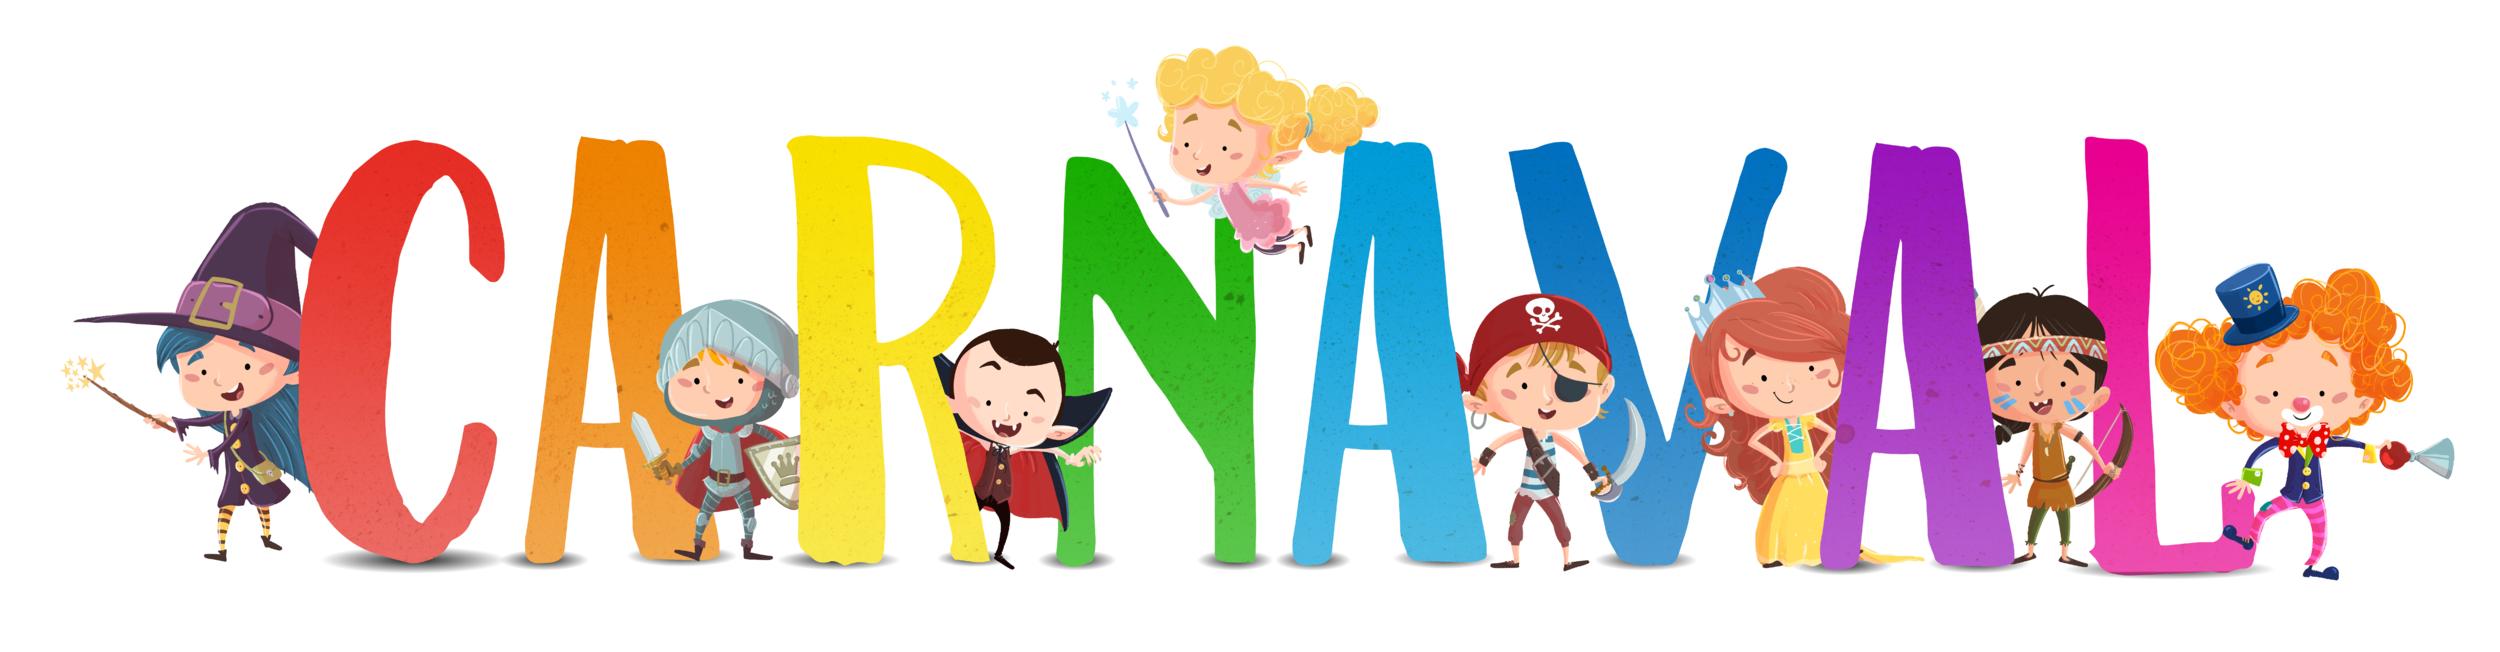 Carnaval déguisements enfants